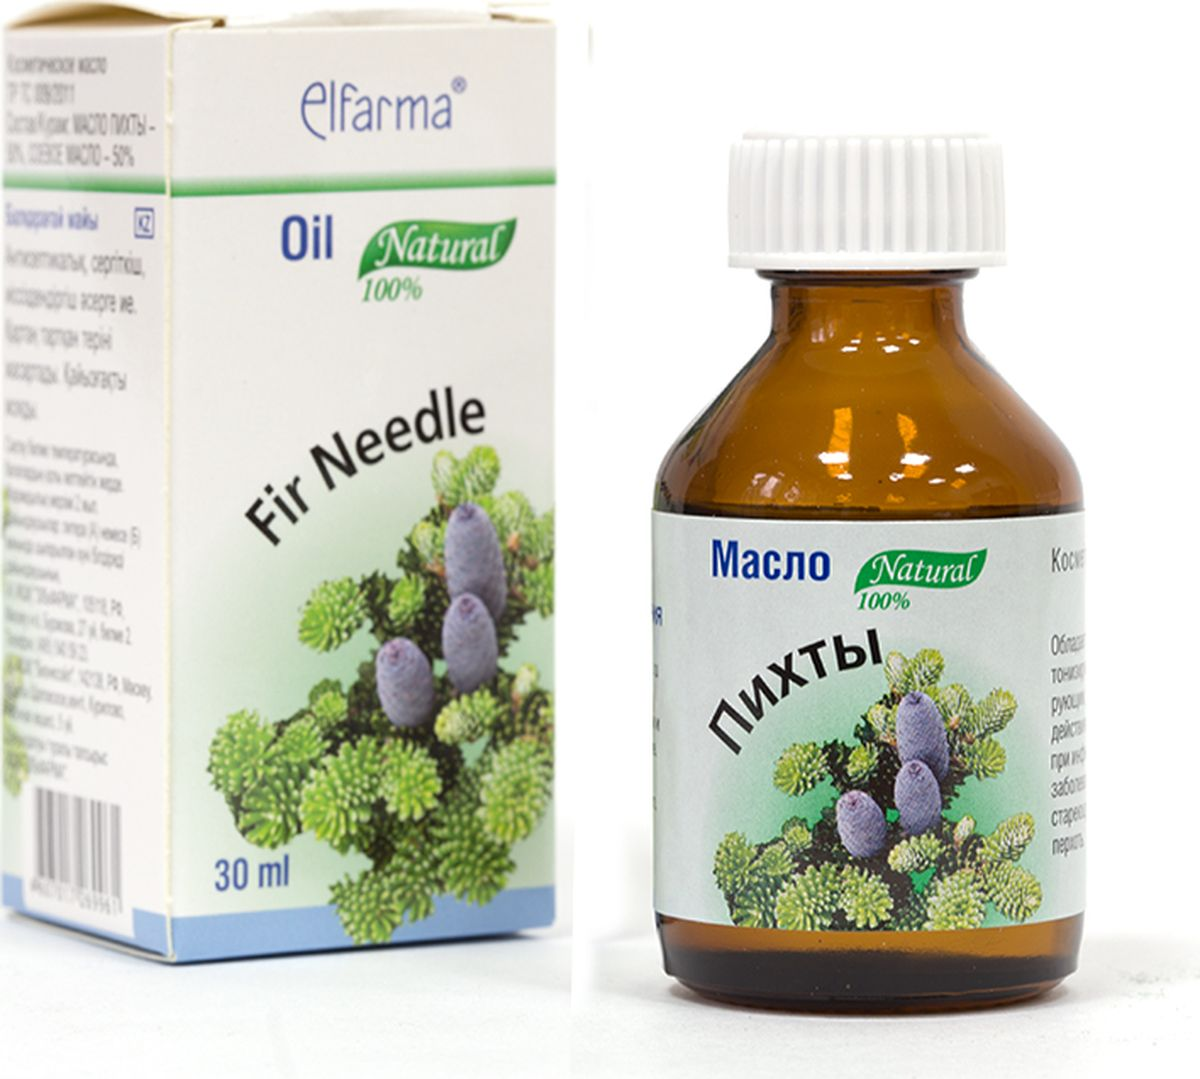 Elfarma Масло Пихта, 30 мл00000001007Широко применяется при заболеваниях верхних дыхательных путей. Ванны, массаж, ингаляции, ароматизация помещения.